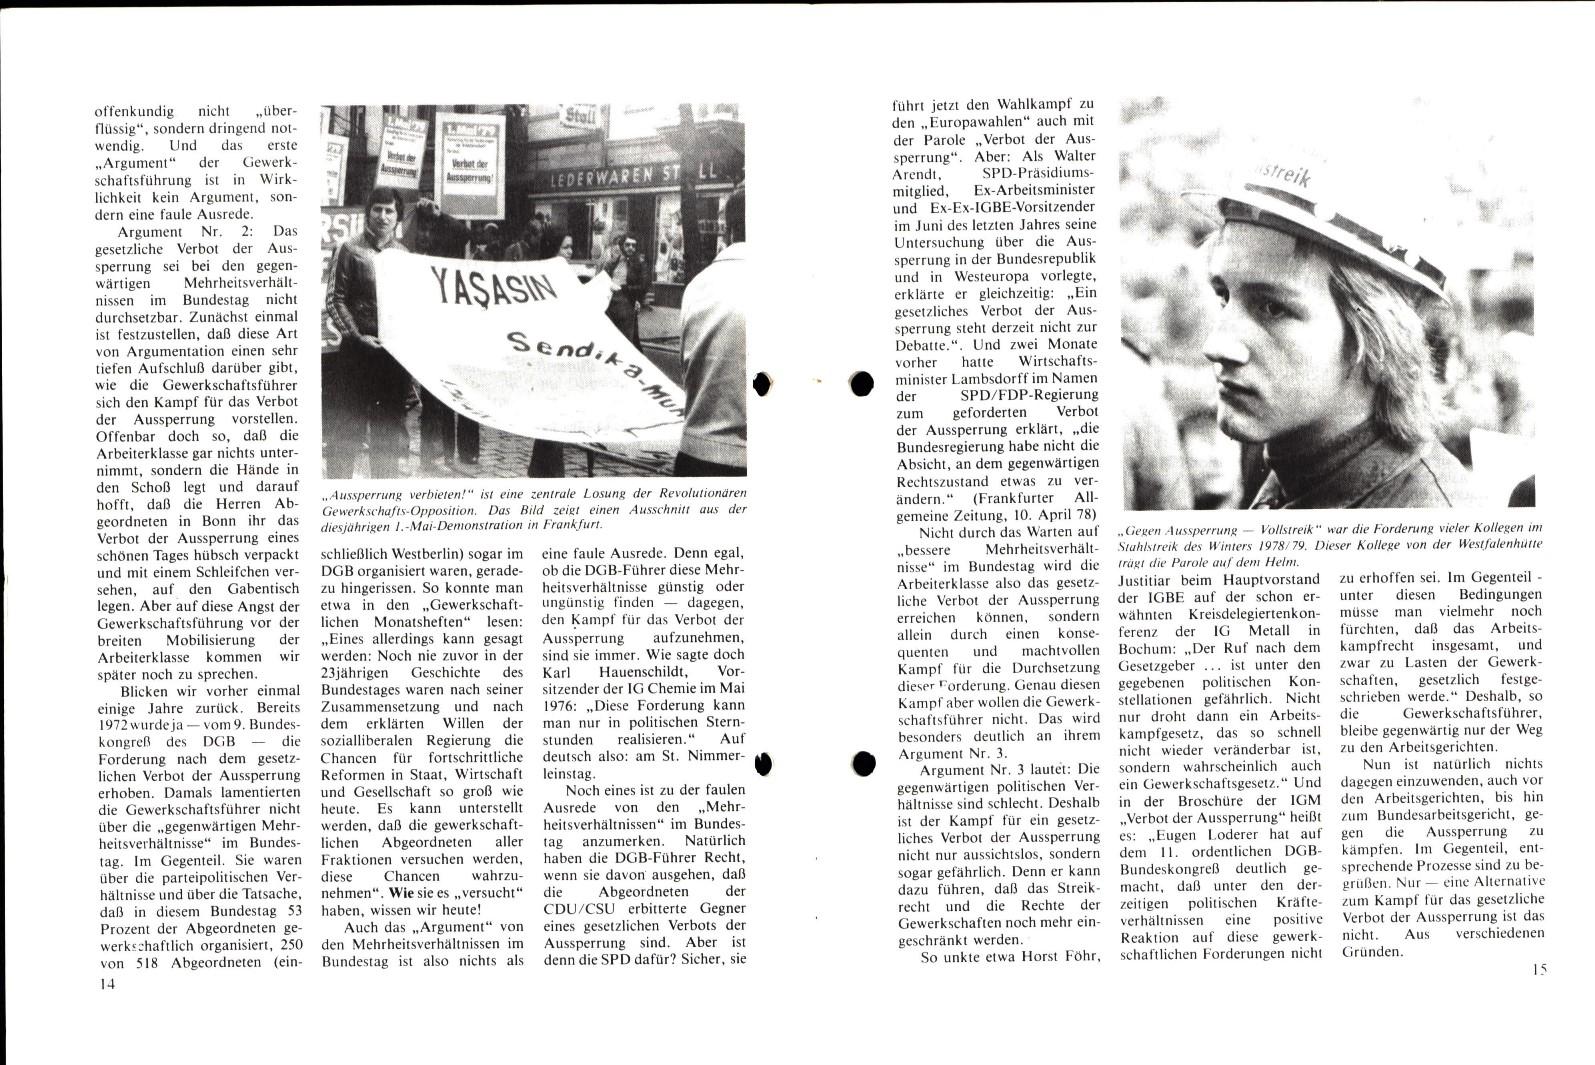 KPDML_1979_Aussperrung_verbieten_08